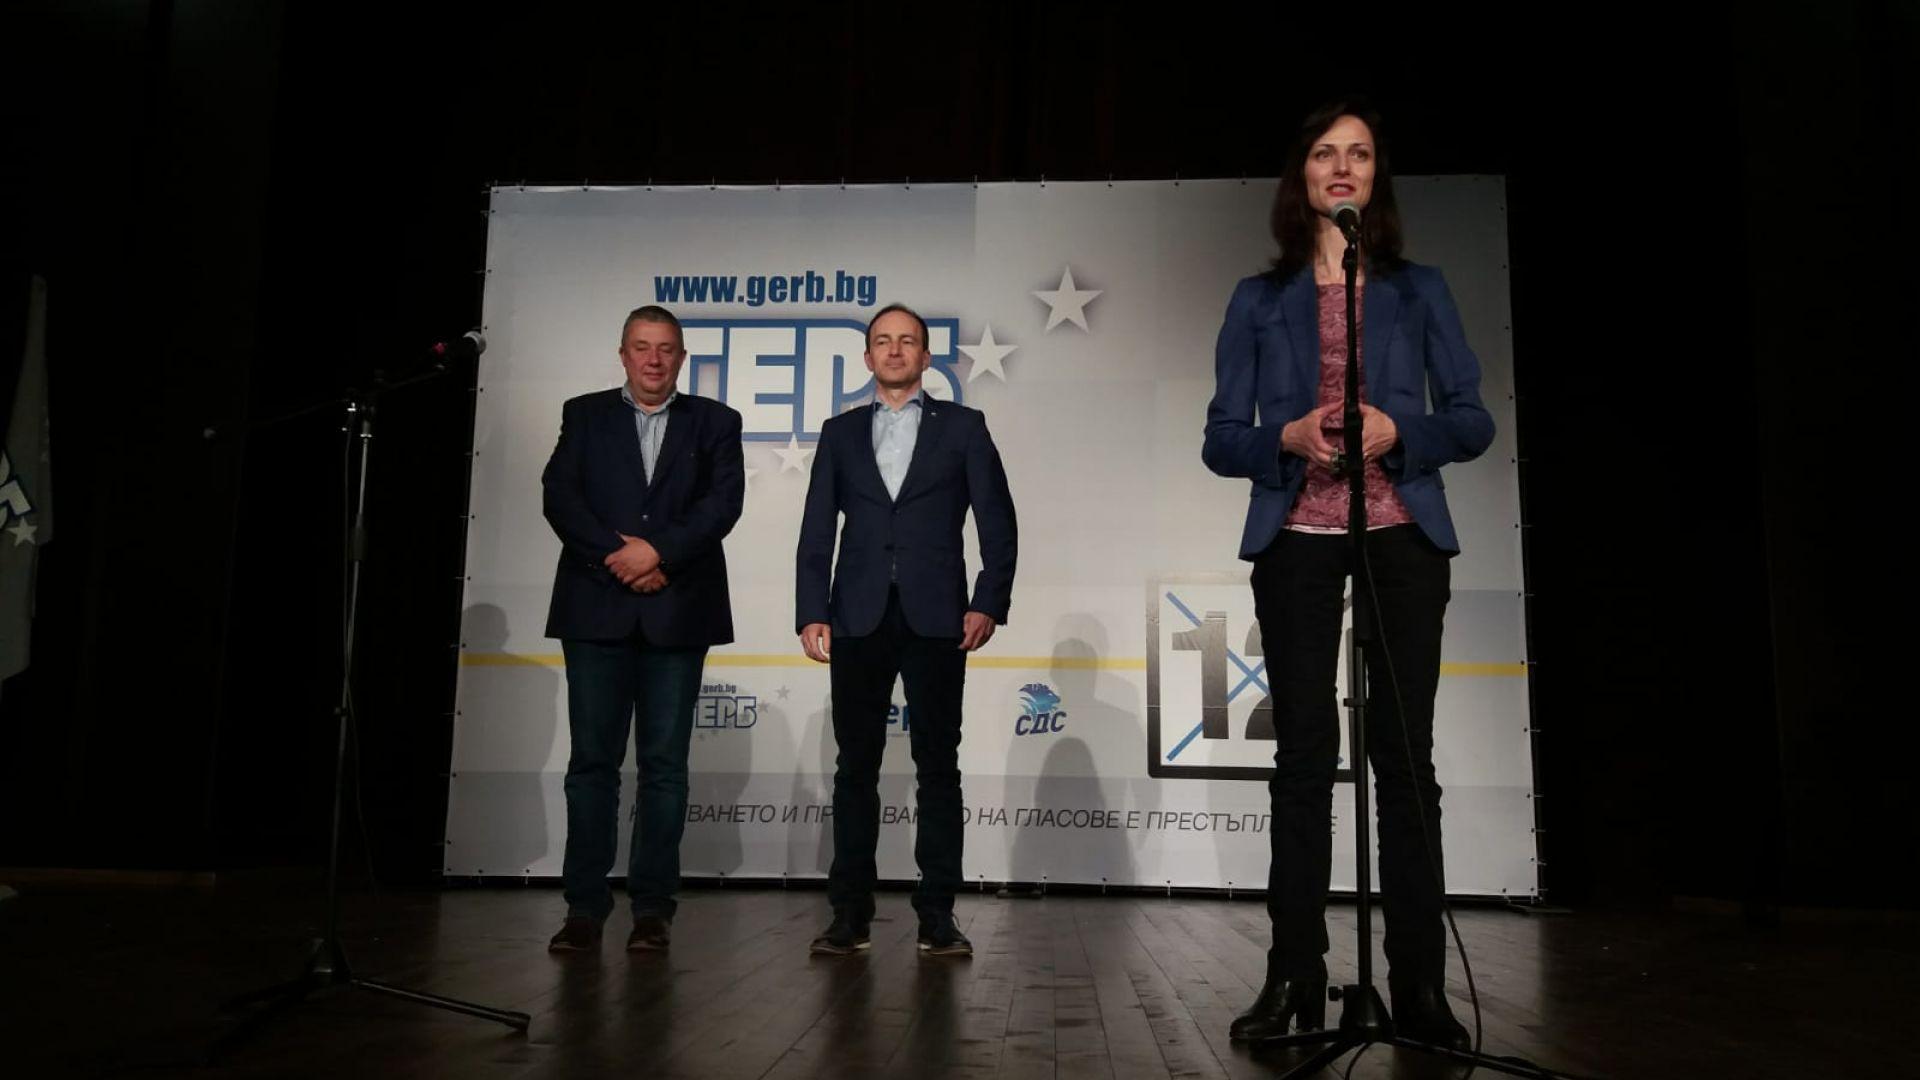 Мария Габриел в Плевен: Висока избирателна активност ще означава силен глас на България в Европа